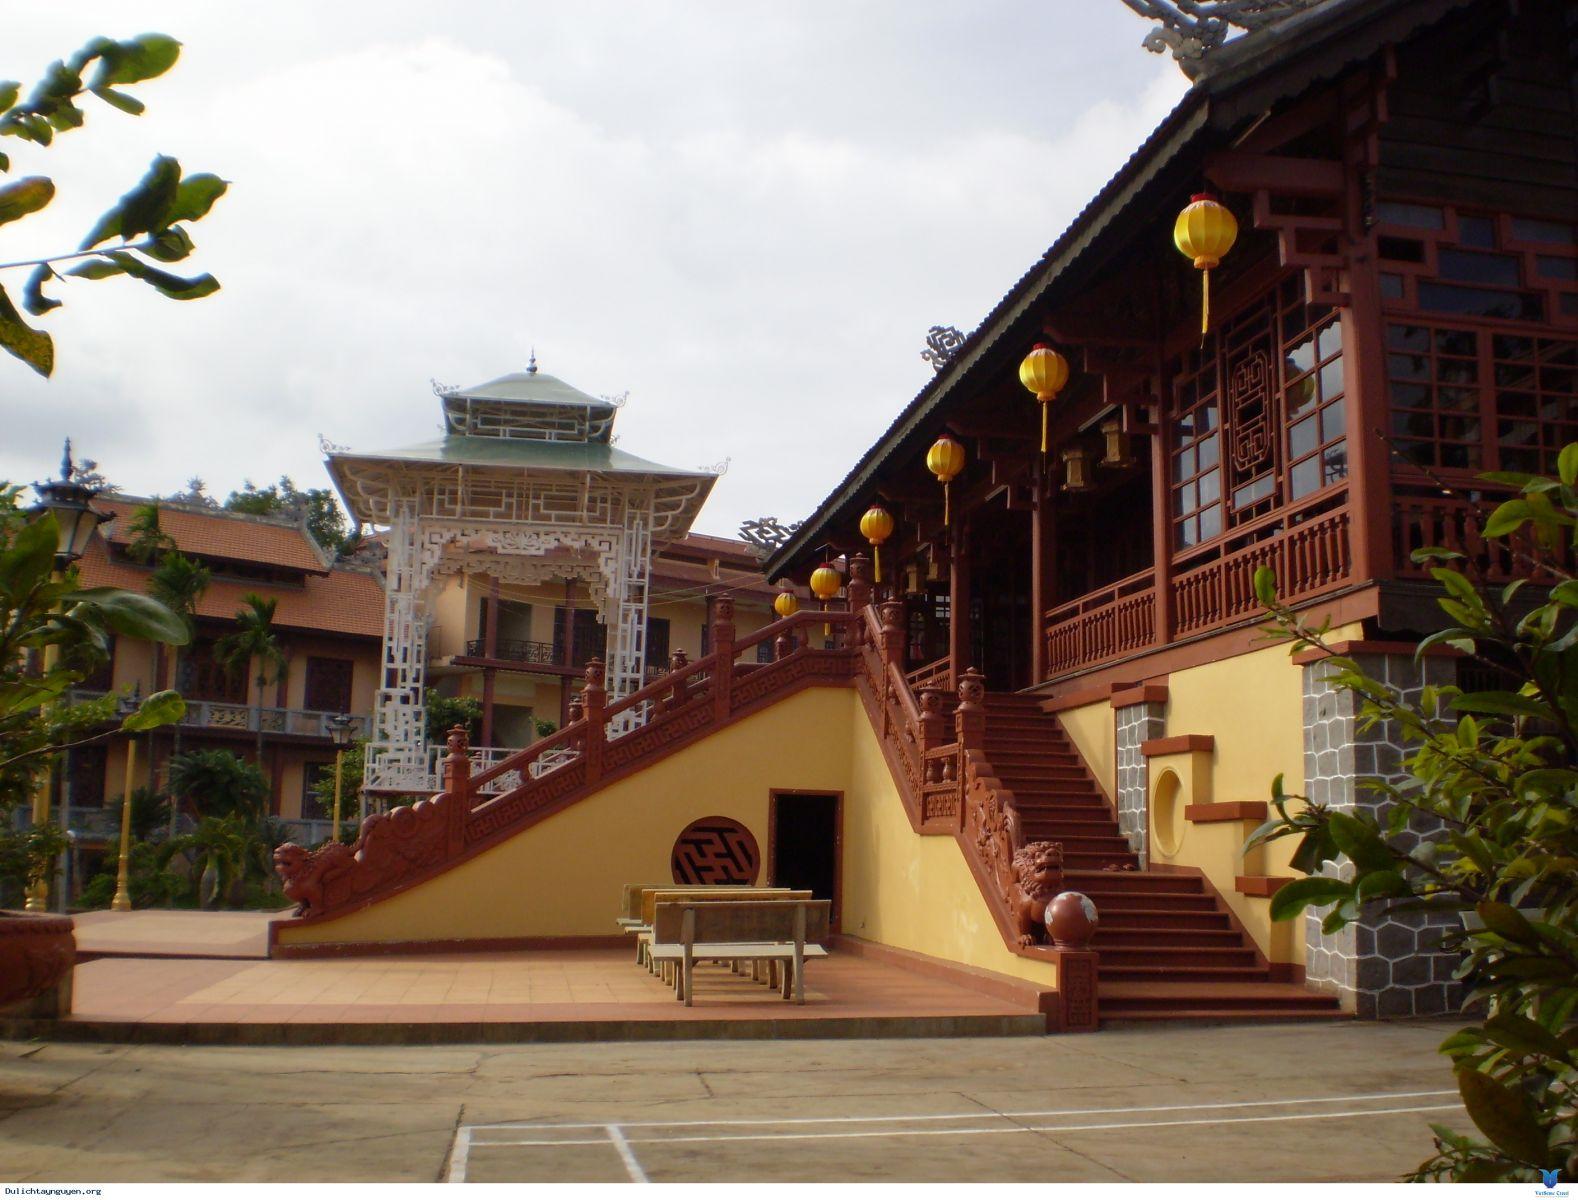 Đăk Lăk: Lịch sử Chùa Sắc Tứ Khải Đoan tọa lạc tại Thành phố Buôn Ma Thuột.